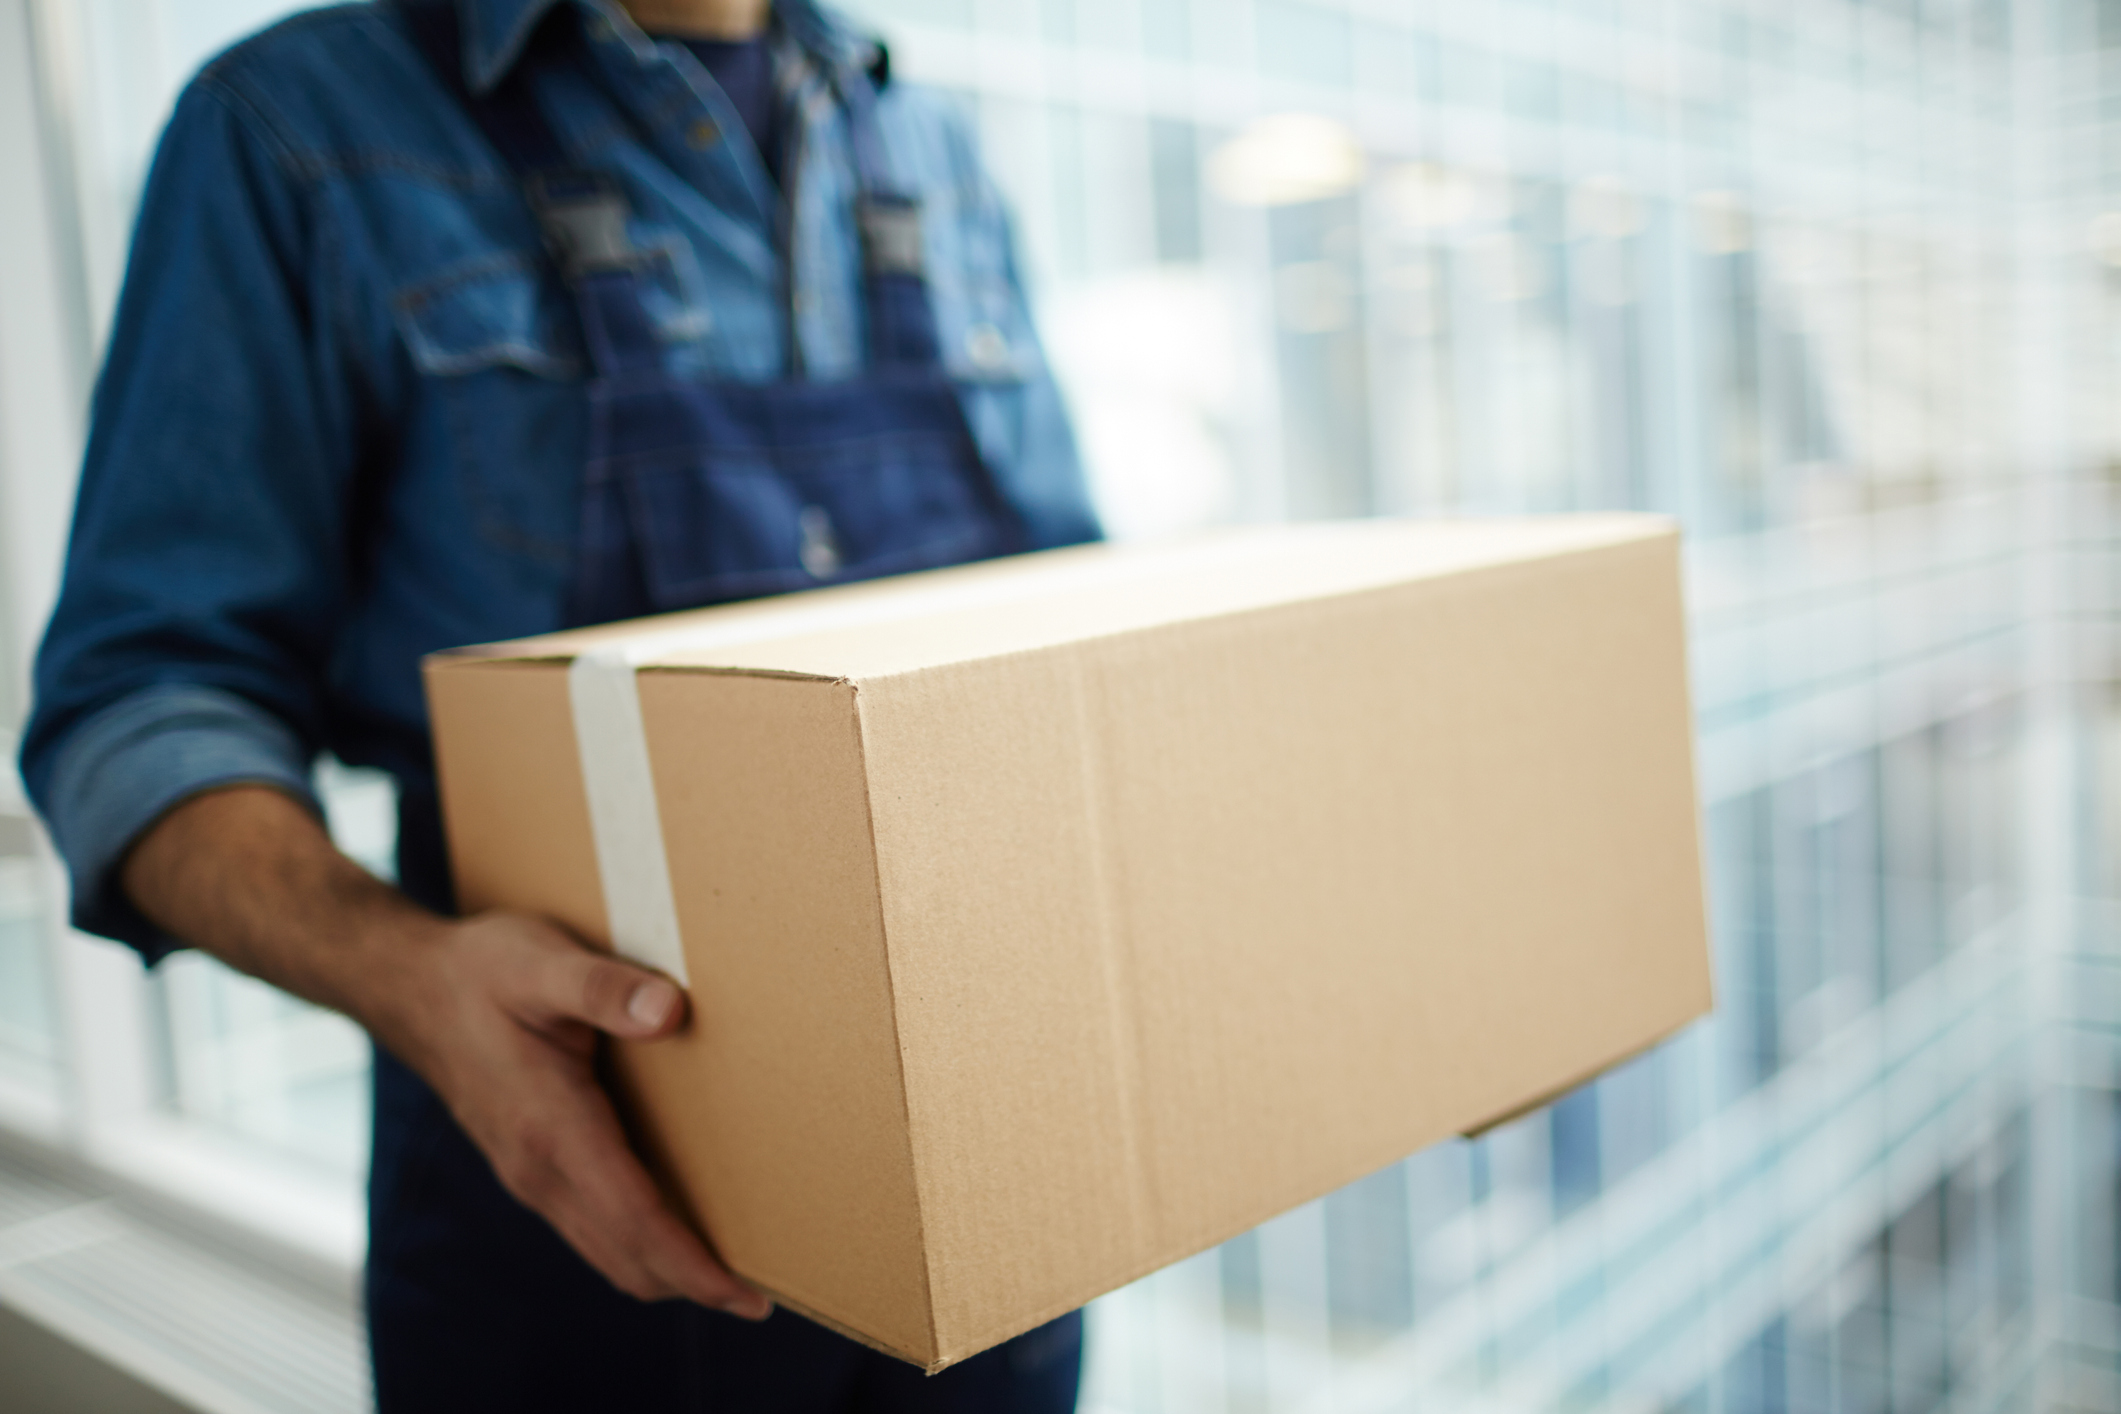 Plataformas de logística o courier: beneficios y ventajas